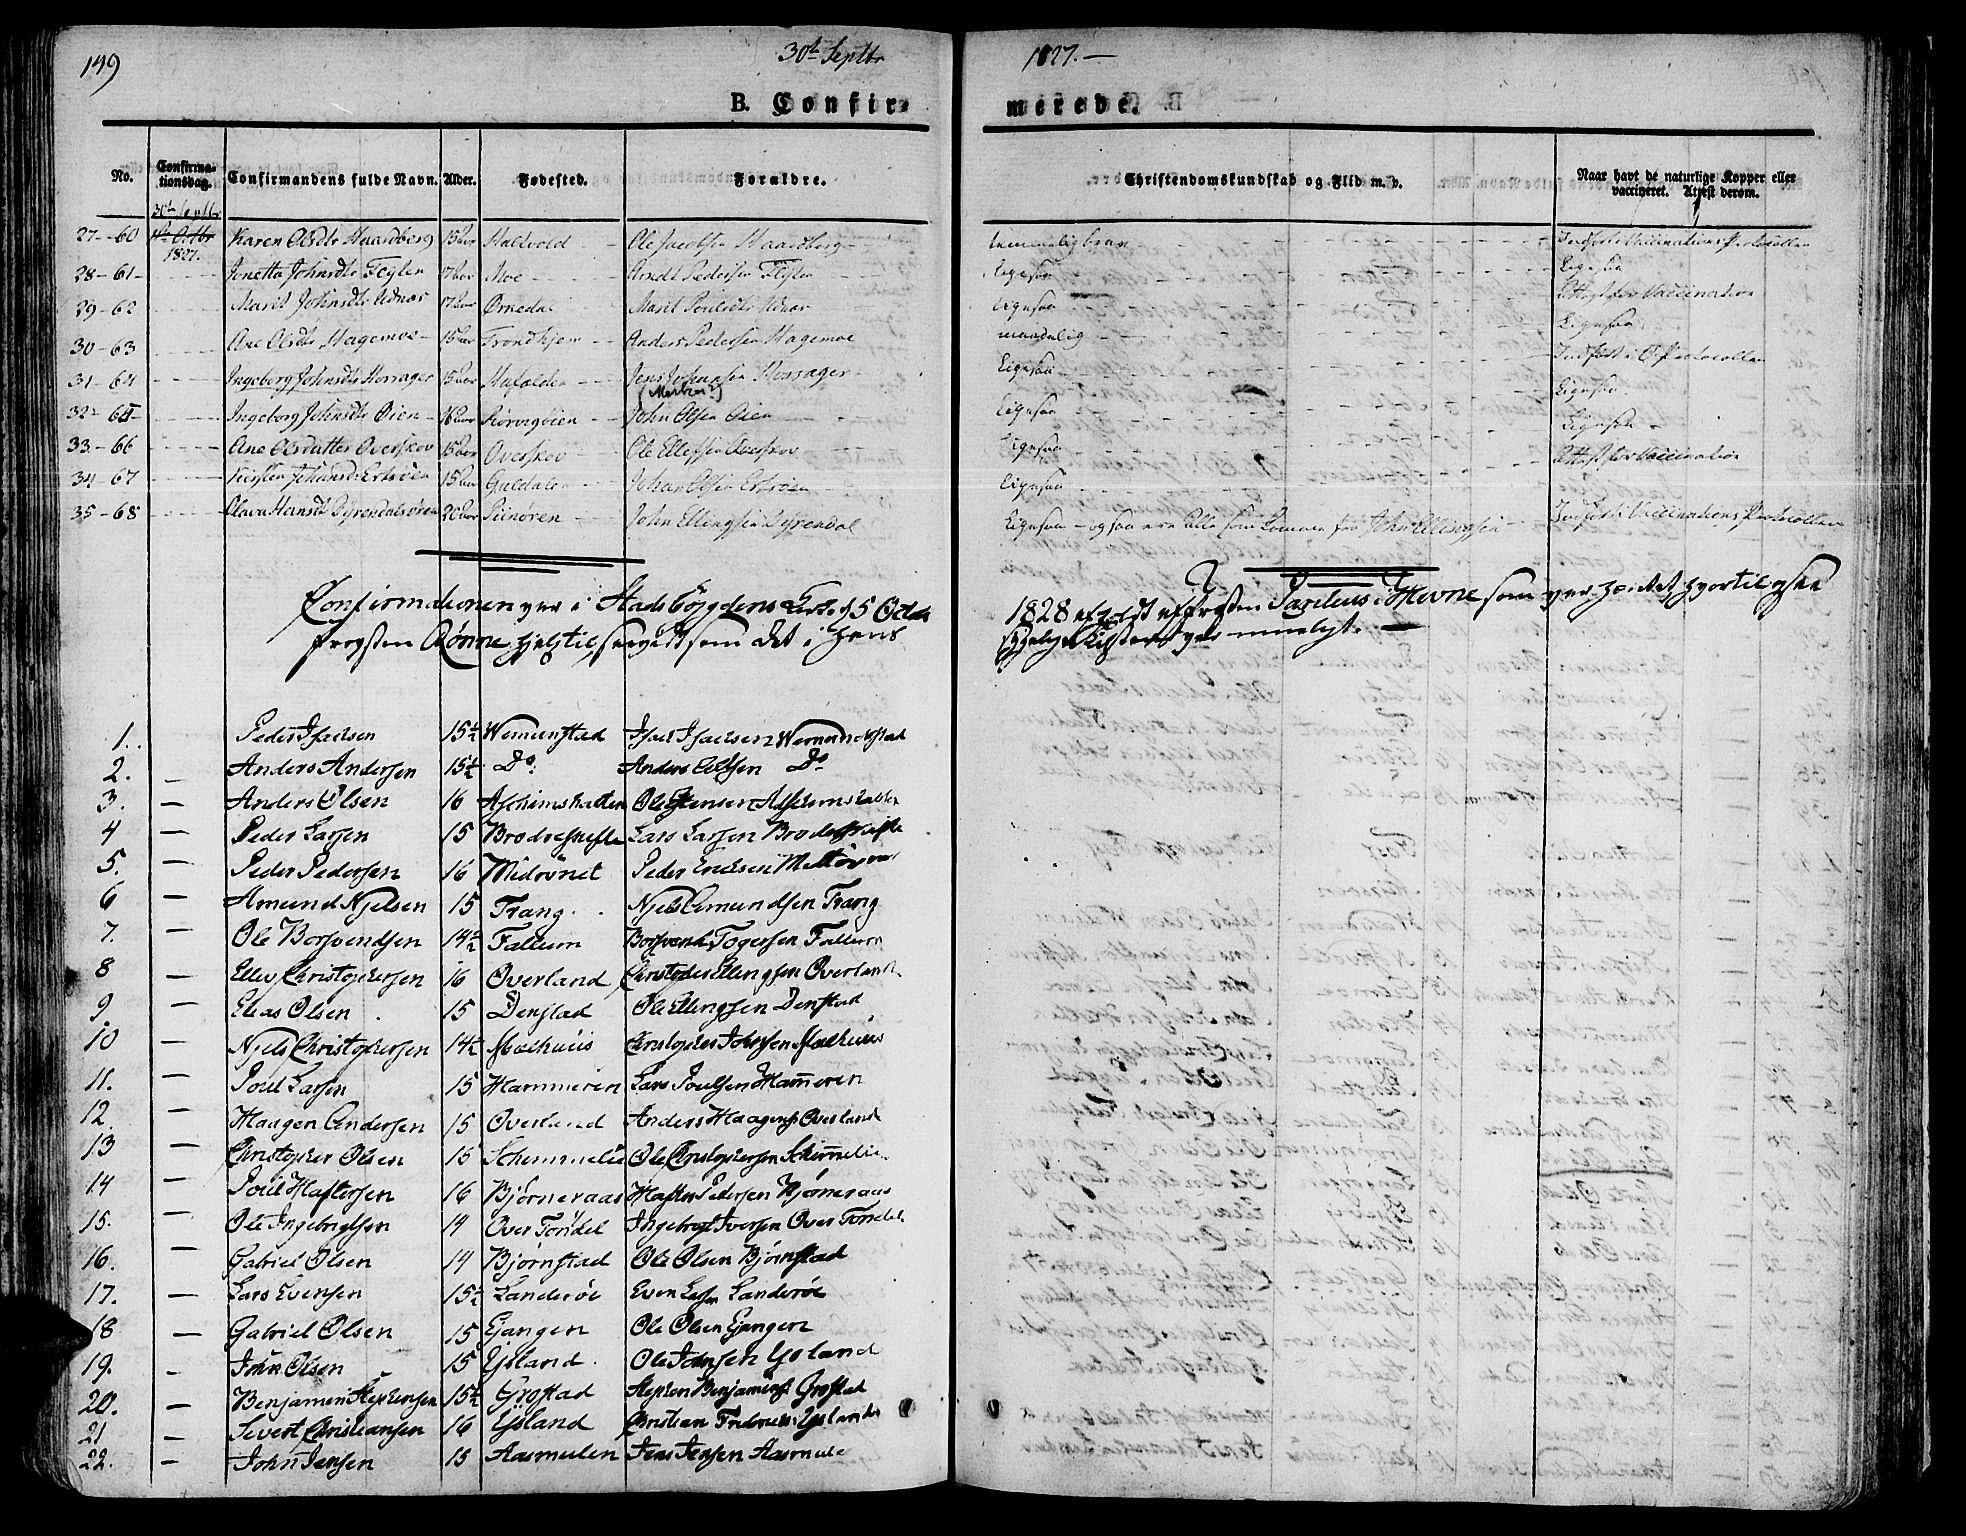 SAT, Ministerialprotokoller, klokkerbøker og fødselsregistre - Sør-Trøndelag, 646/L0609: Ministerialbok nr. 646A07, 1826-1838, s. 149